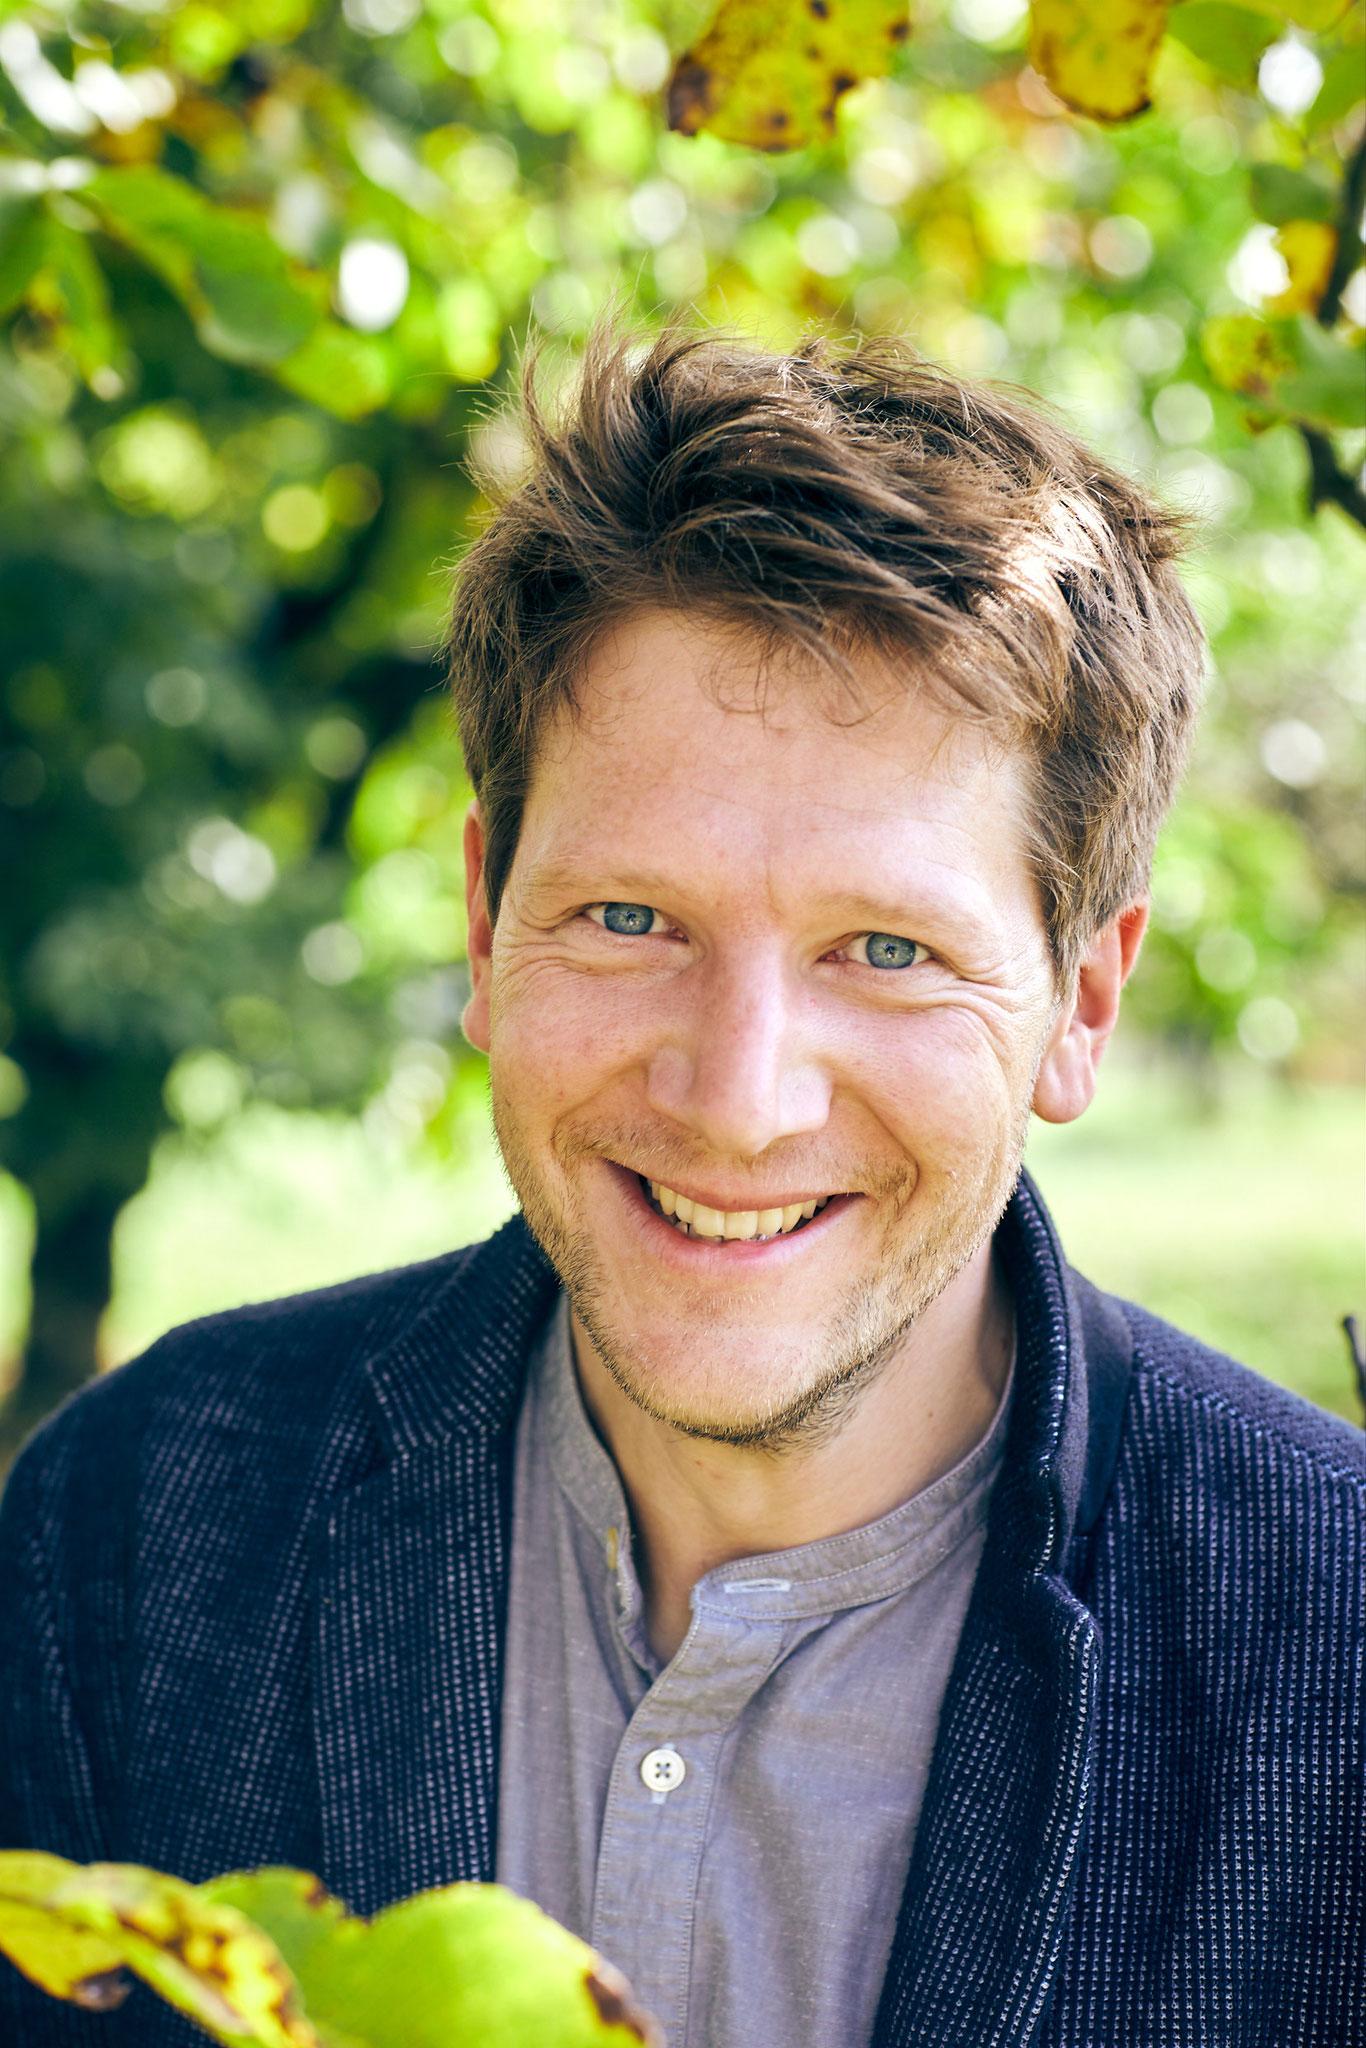 Martin Sorger - kam über die Liebe, zur Liebe zum Wein. Konstrukteuer, Tüftler und Bastler